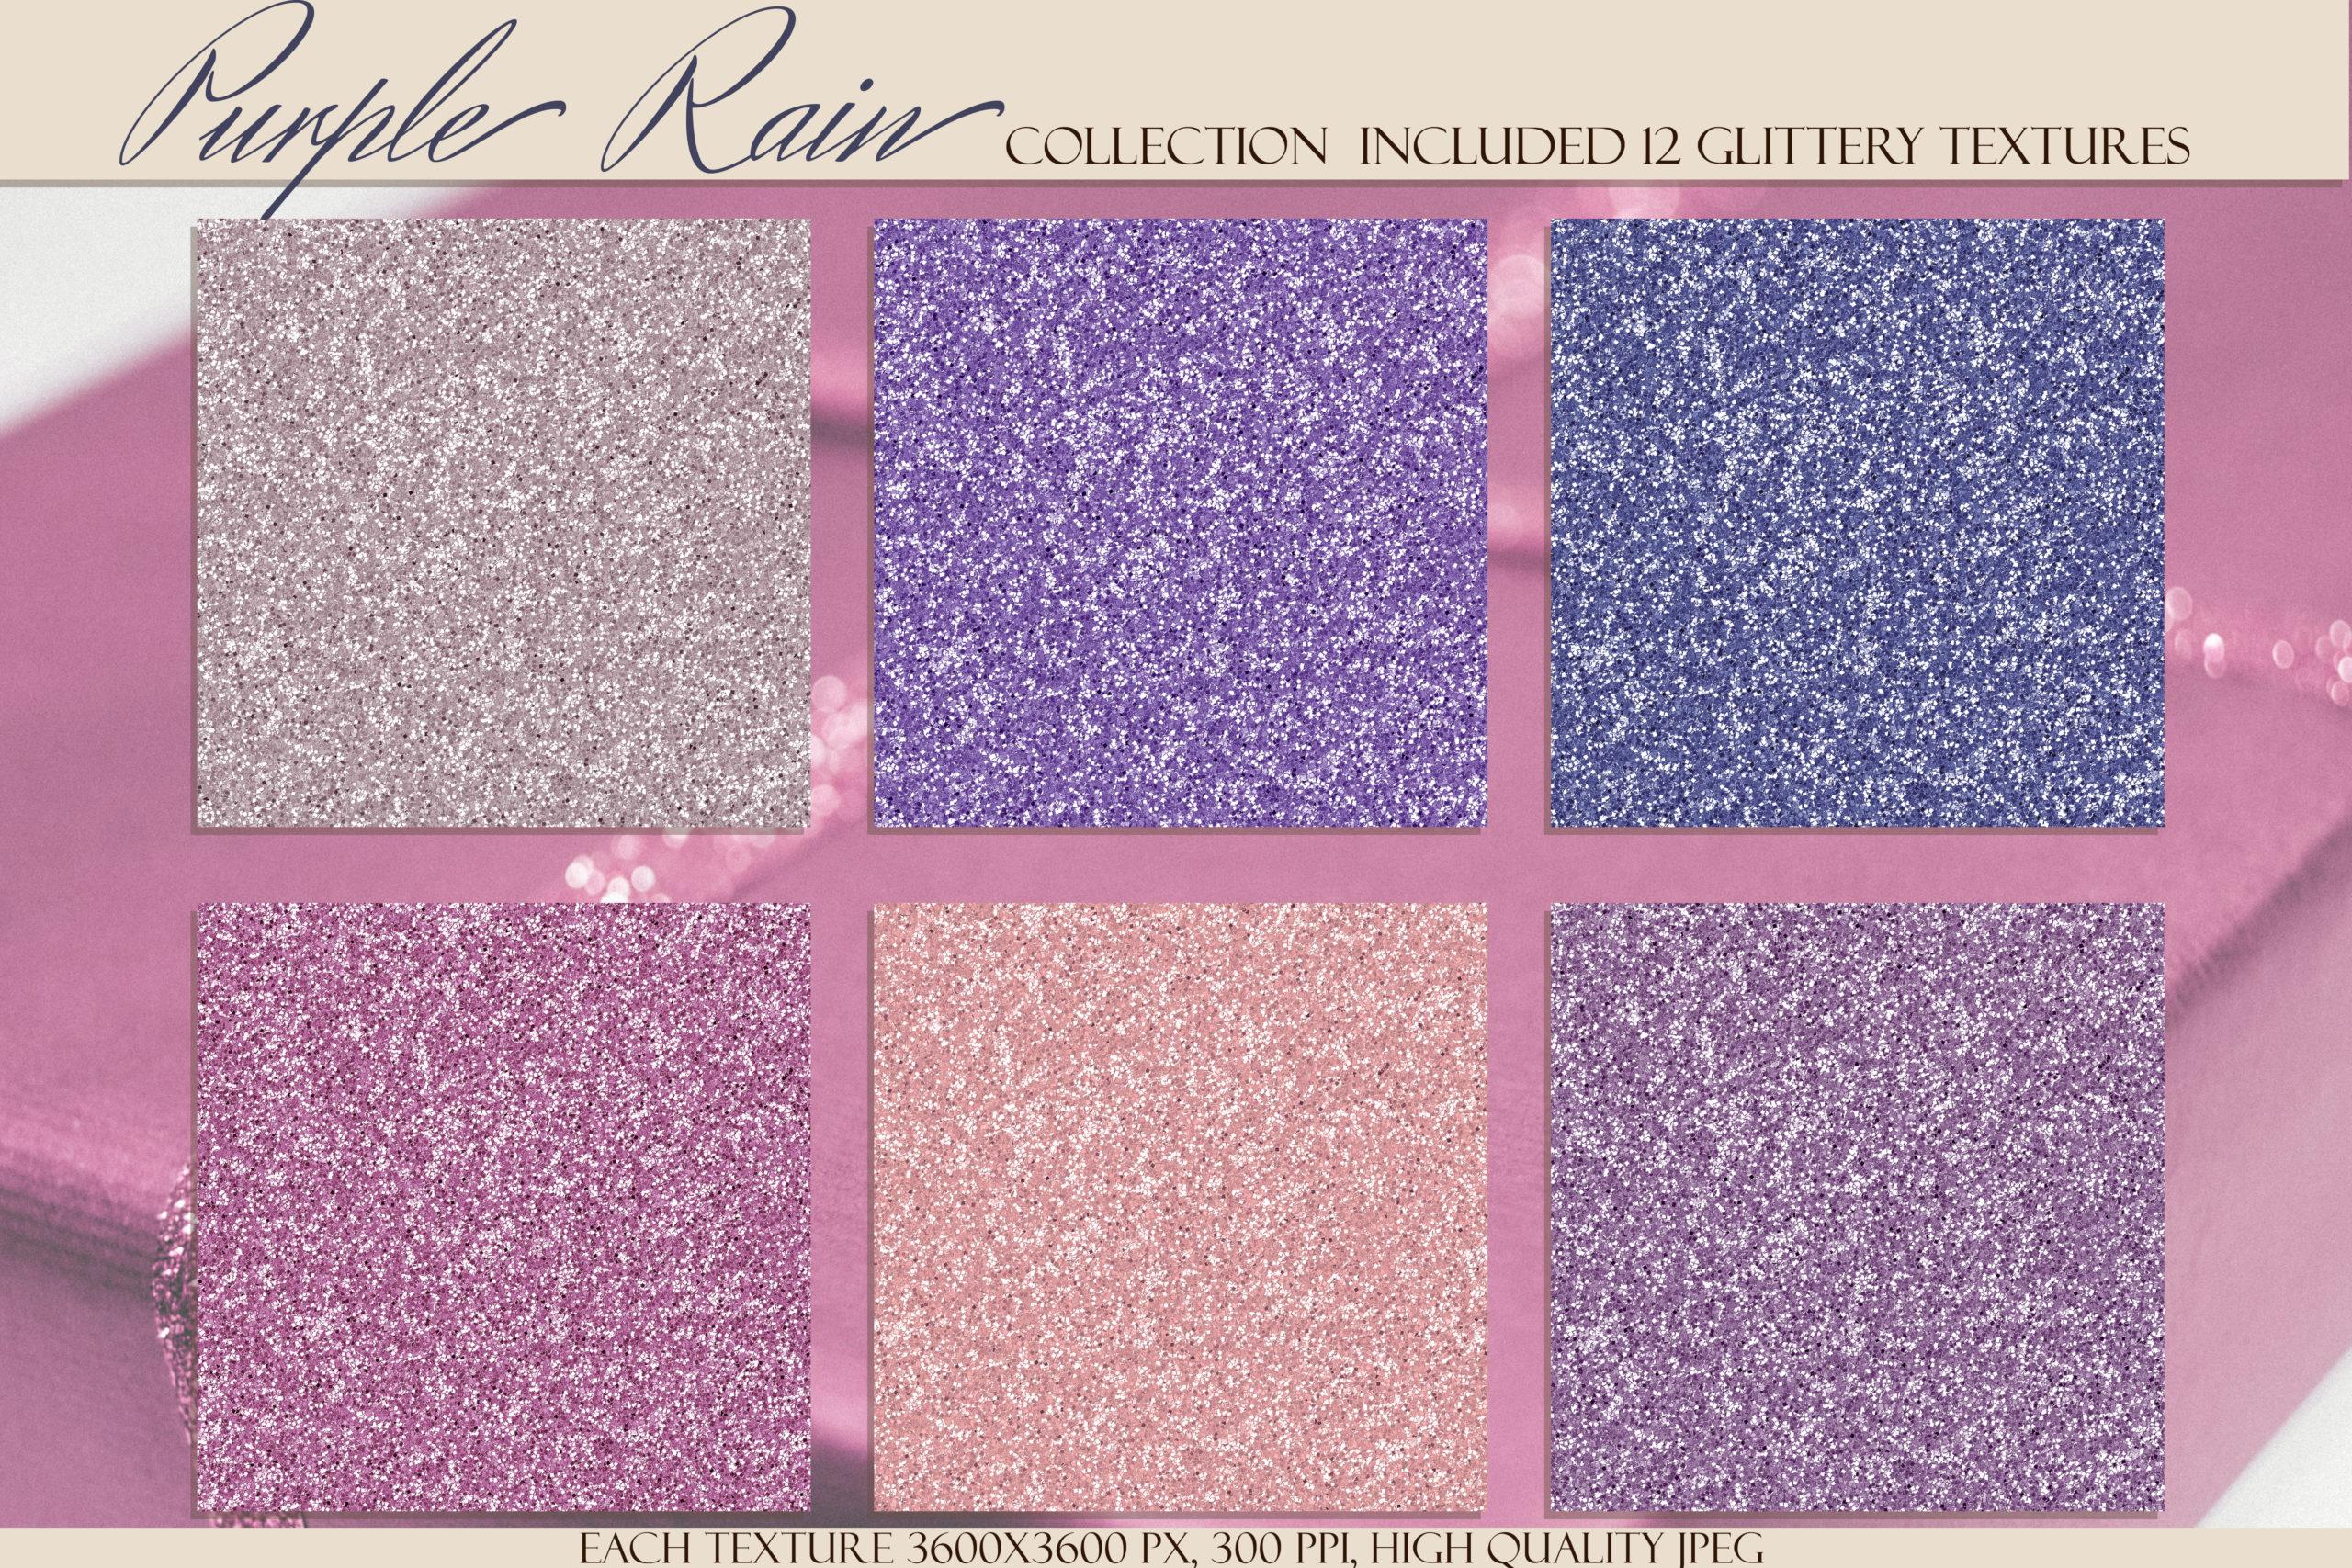 12款紫色闪光贴纸纹理背景图片素材 Purple Rain Glitter Texture Pack插图1